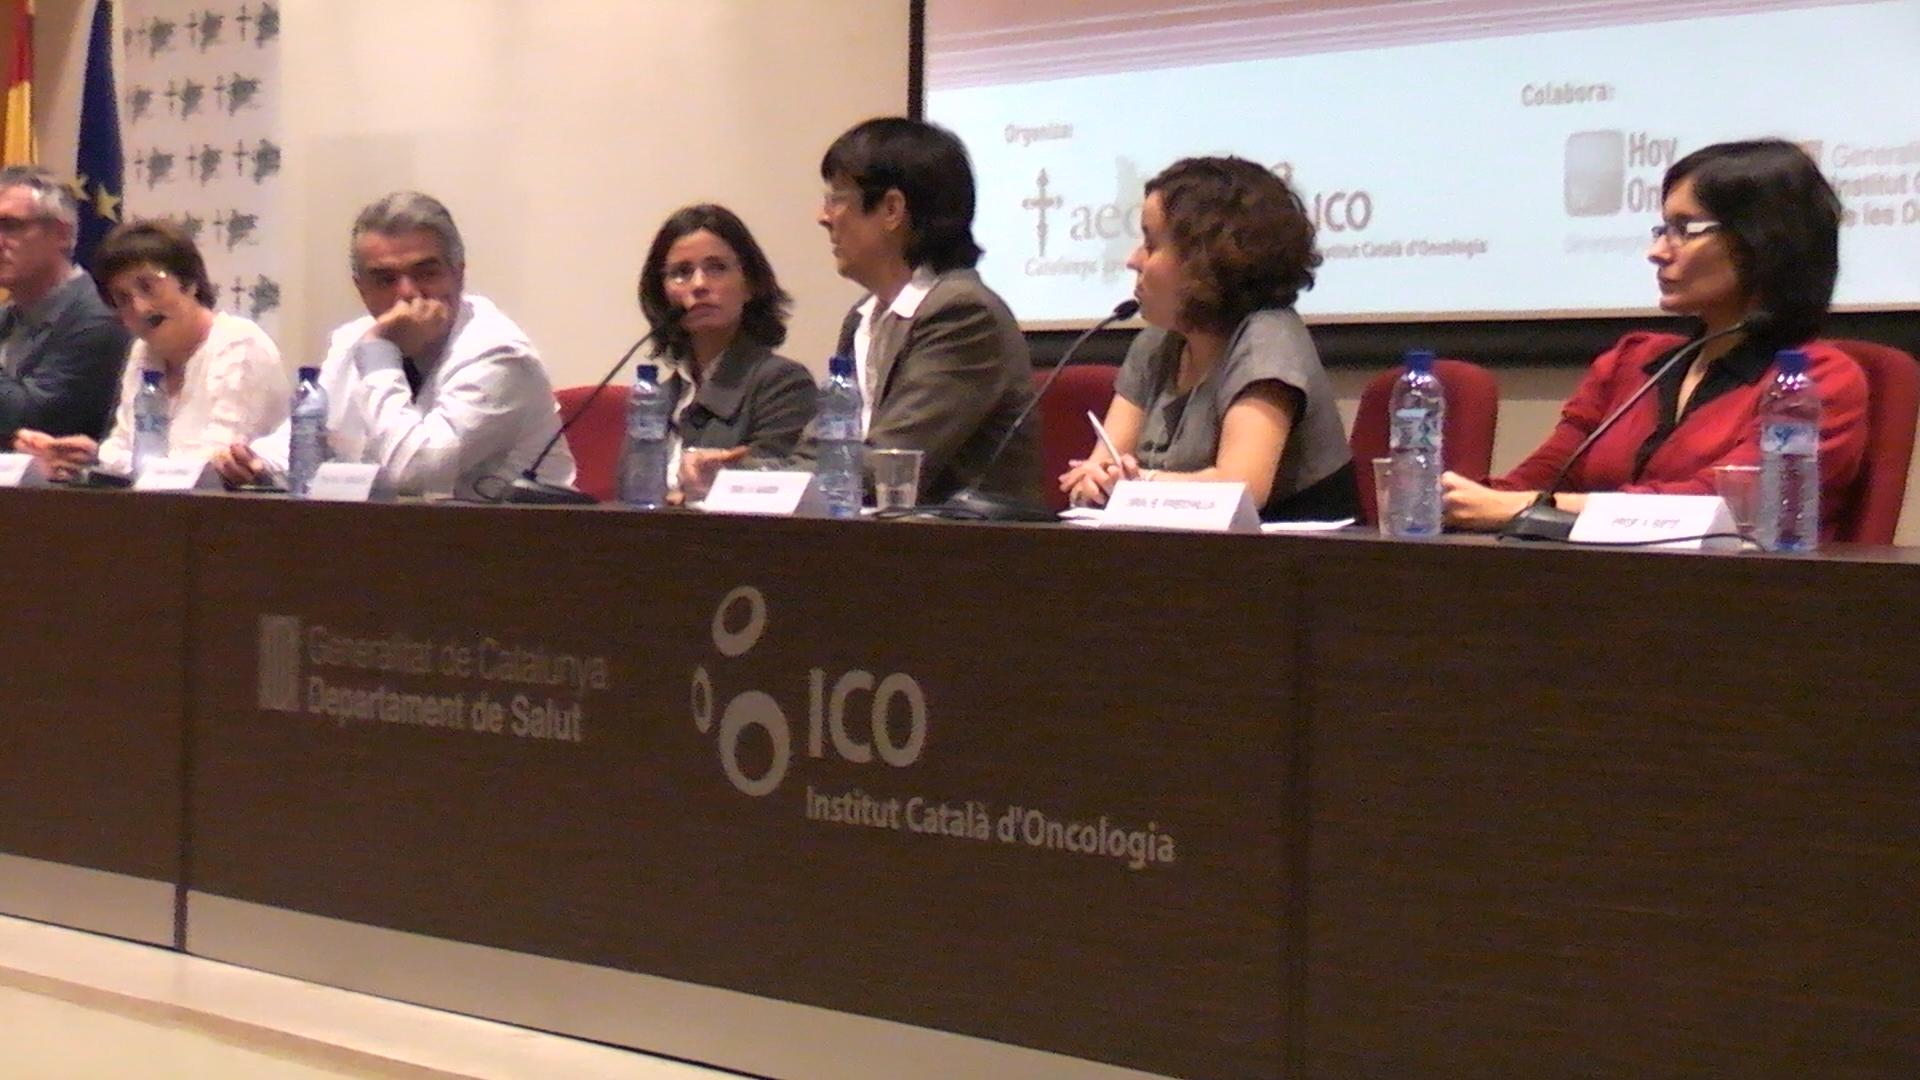 Retransmisión OnLine Evento AECC ¿Quieres dar 360º al cáncer de mama? desde ICO